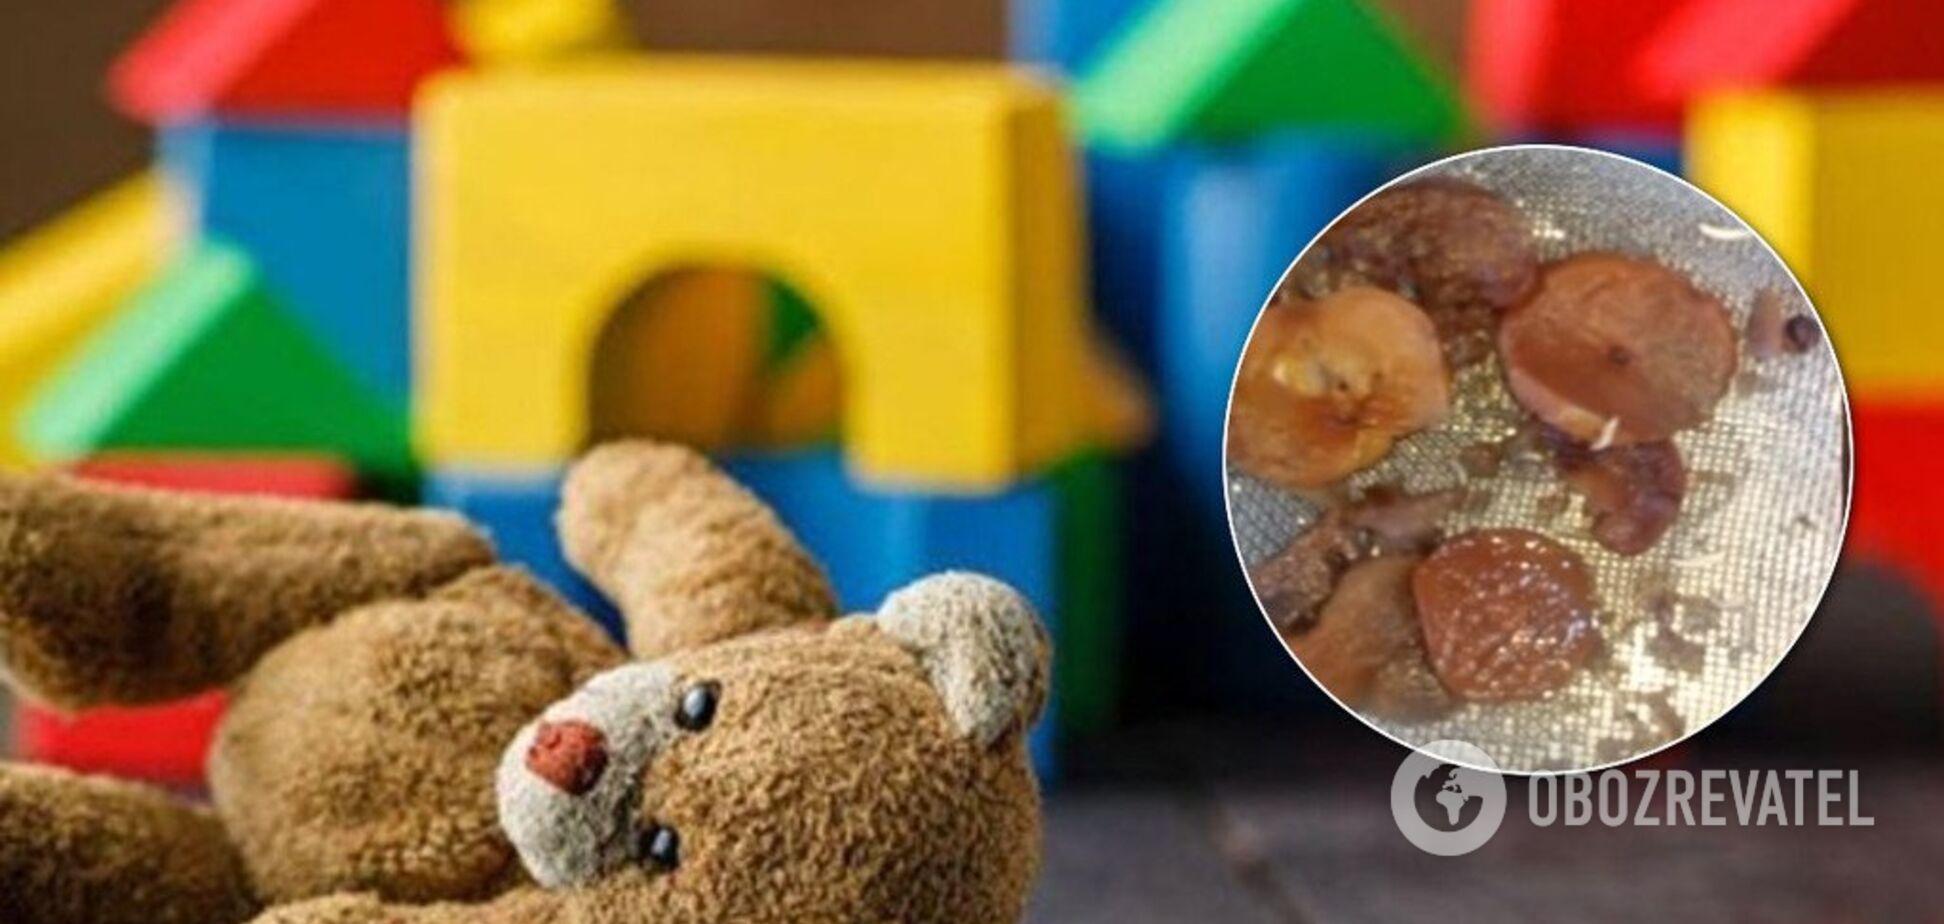 Керівництво заперечує: на Черкащині дітей в садку годували черв'яками